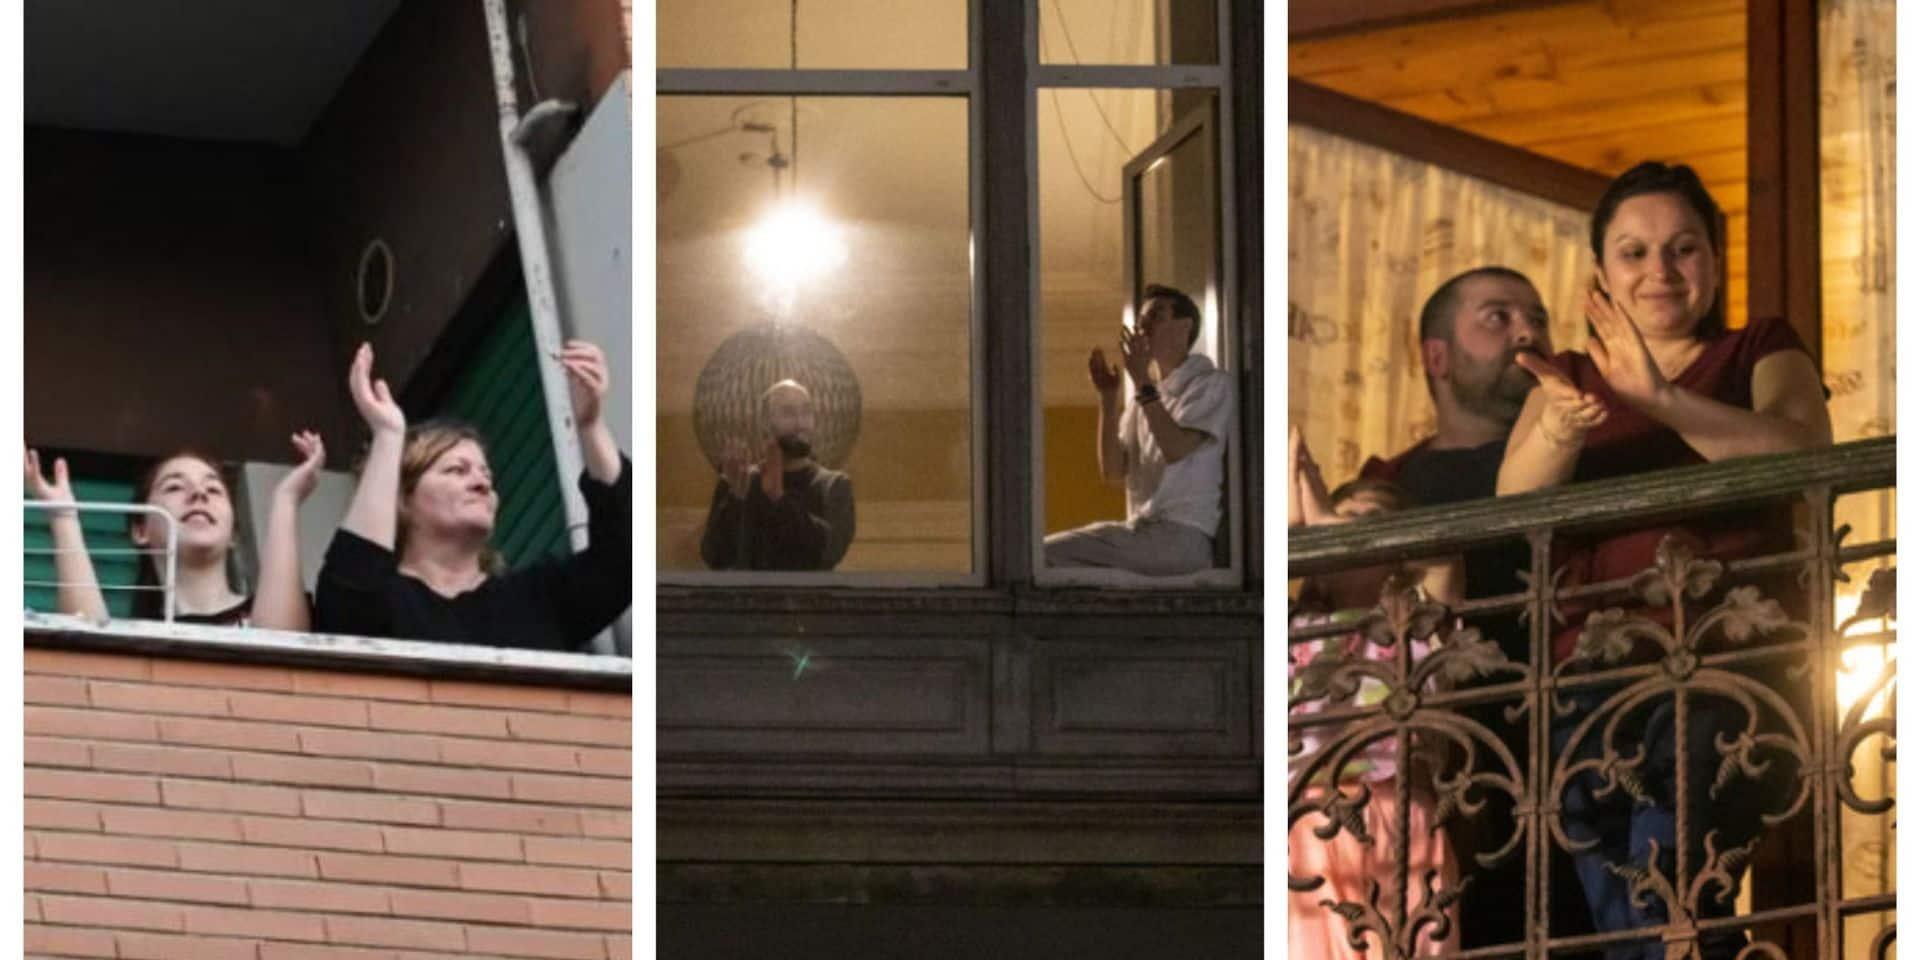 D. est frappé par l'amnésie. Il a oublié qu'il y a quelques mois, il se postait tous les soirs sur son balcon pour applaudir les acteurs du monde hospitalier